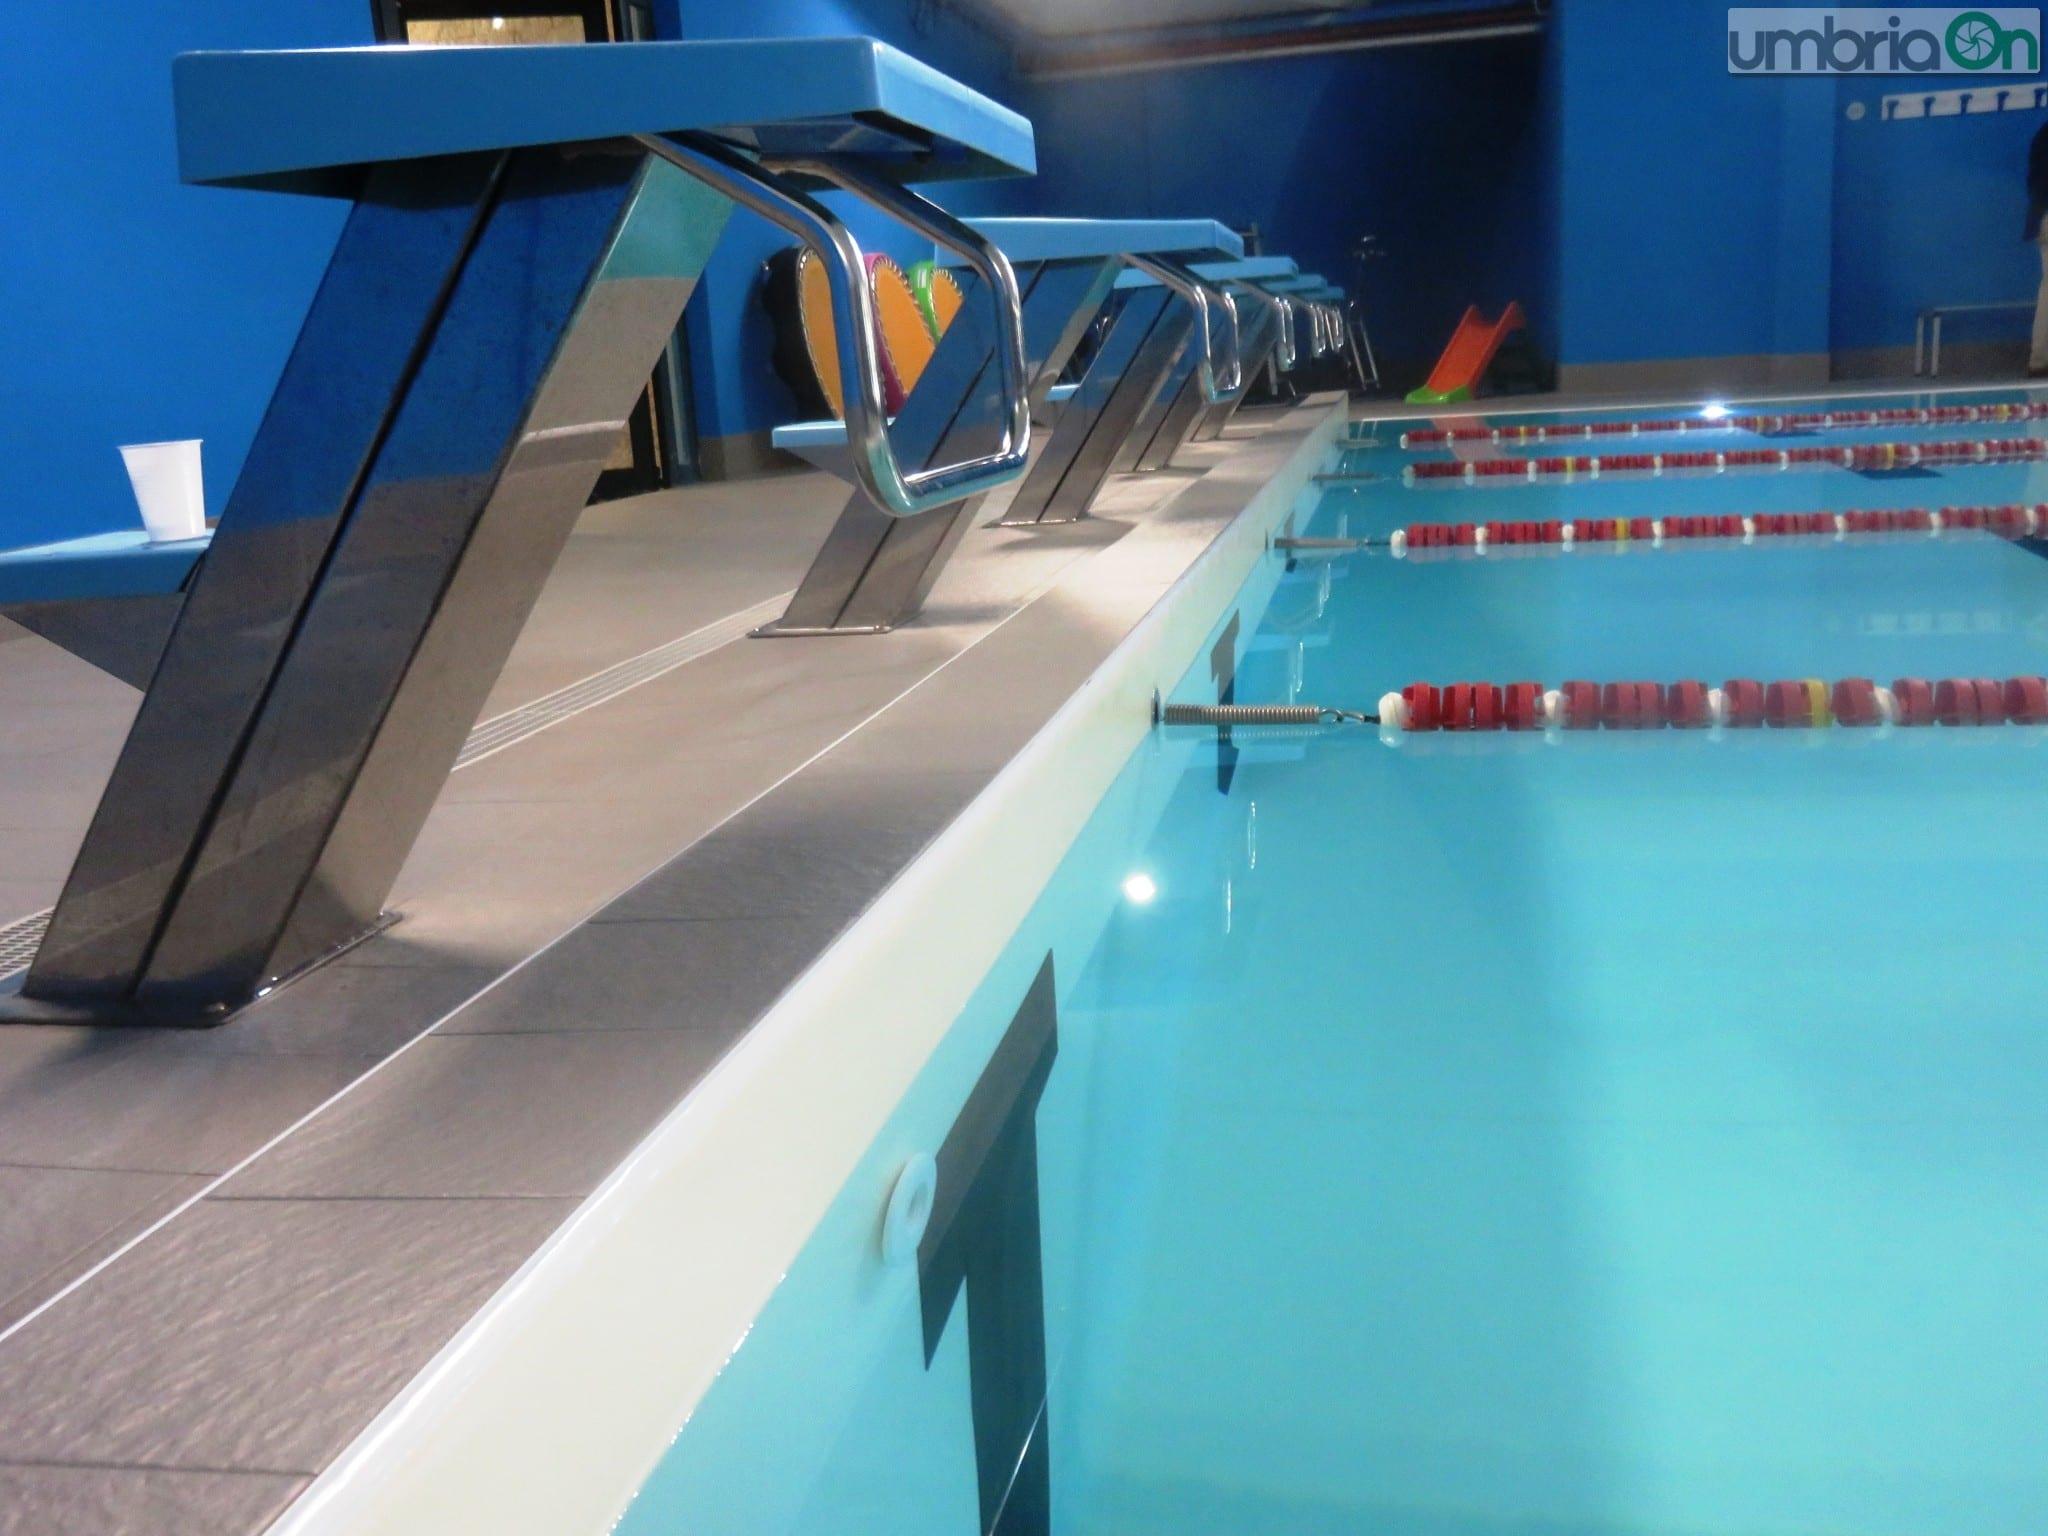 Terni campitello look nuovo per la piscina umbriaon - Piscina campitello terni ...